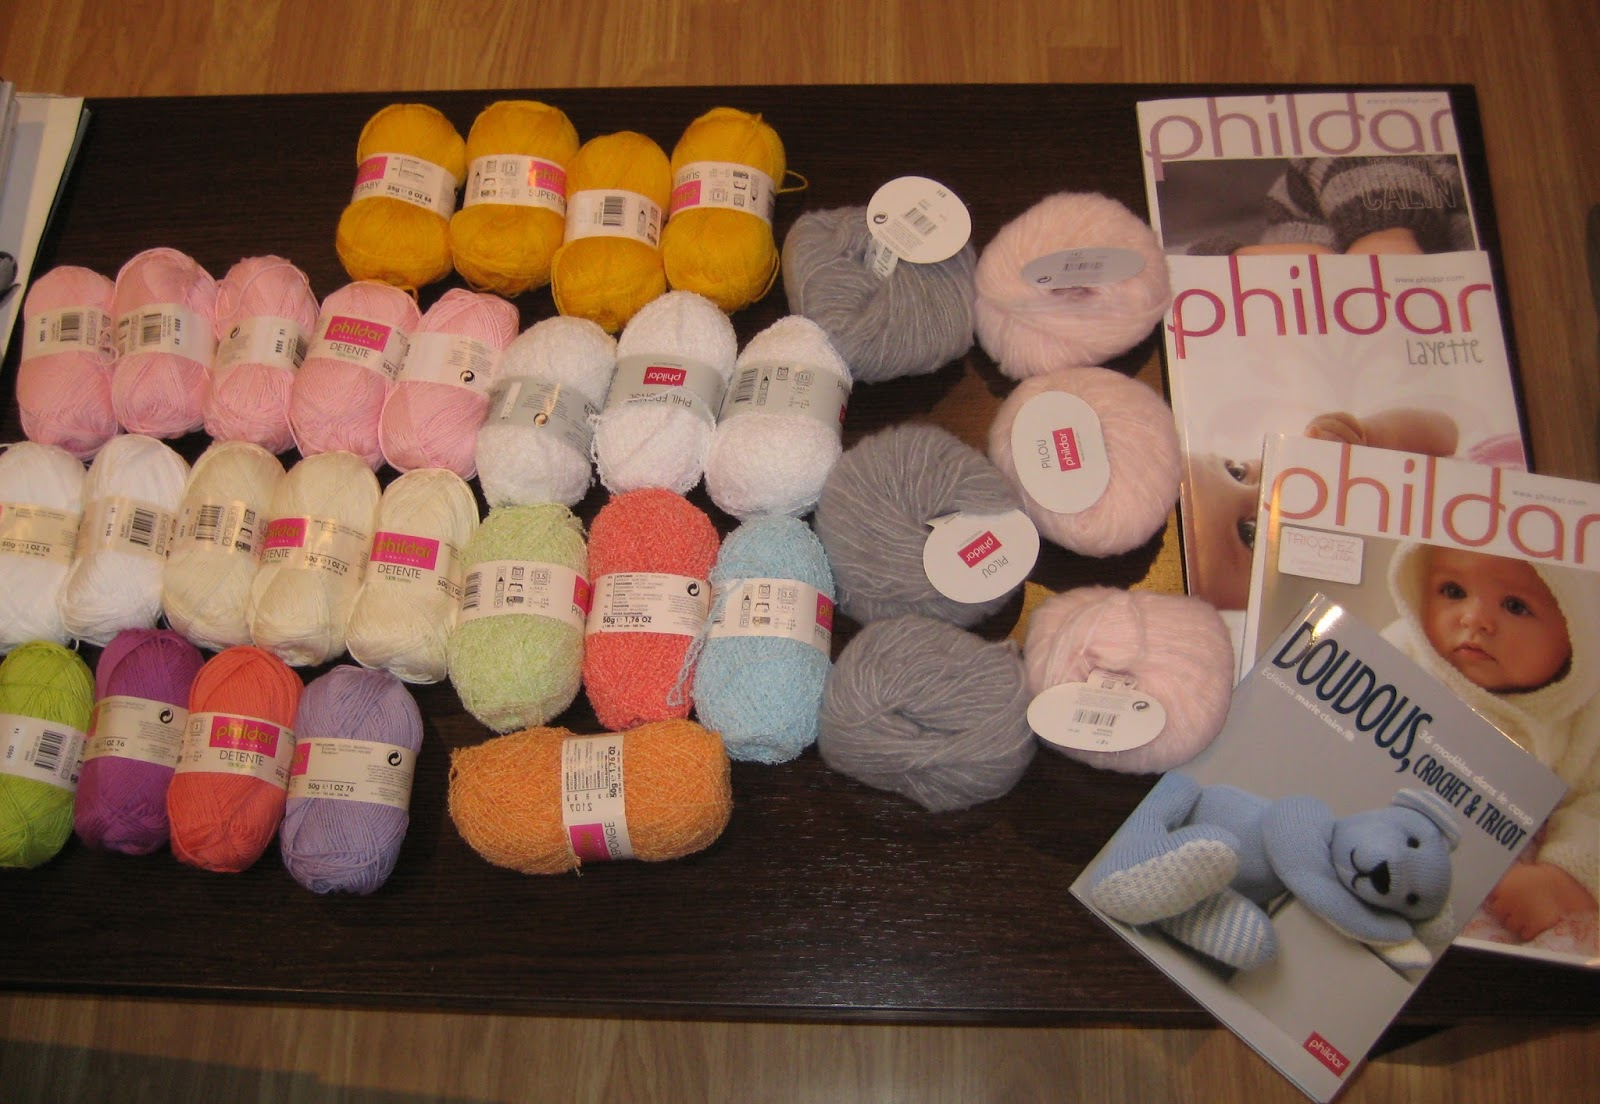 mis nancys, mis peques y yo, lanas y revistas Phildar